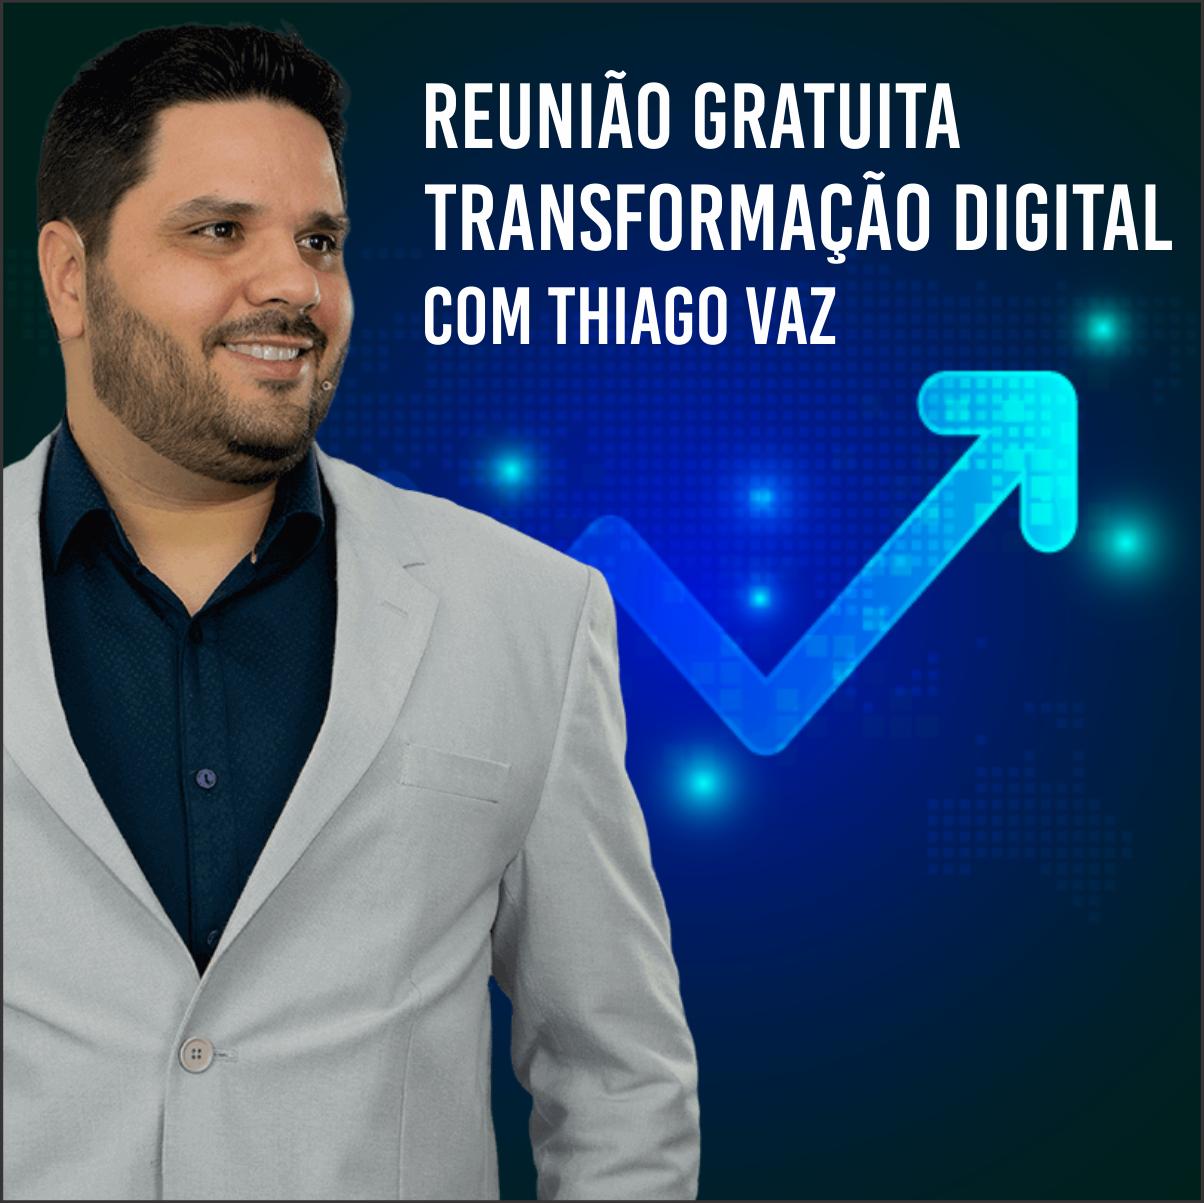 Reunião Gratuita Transformação Digital